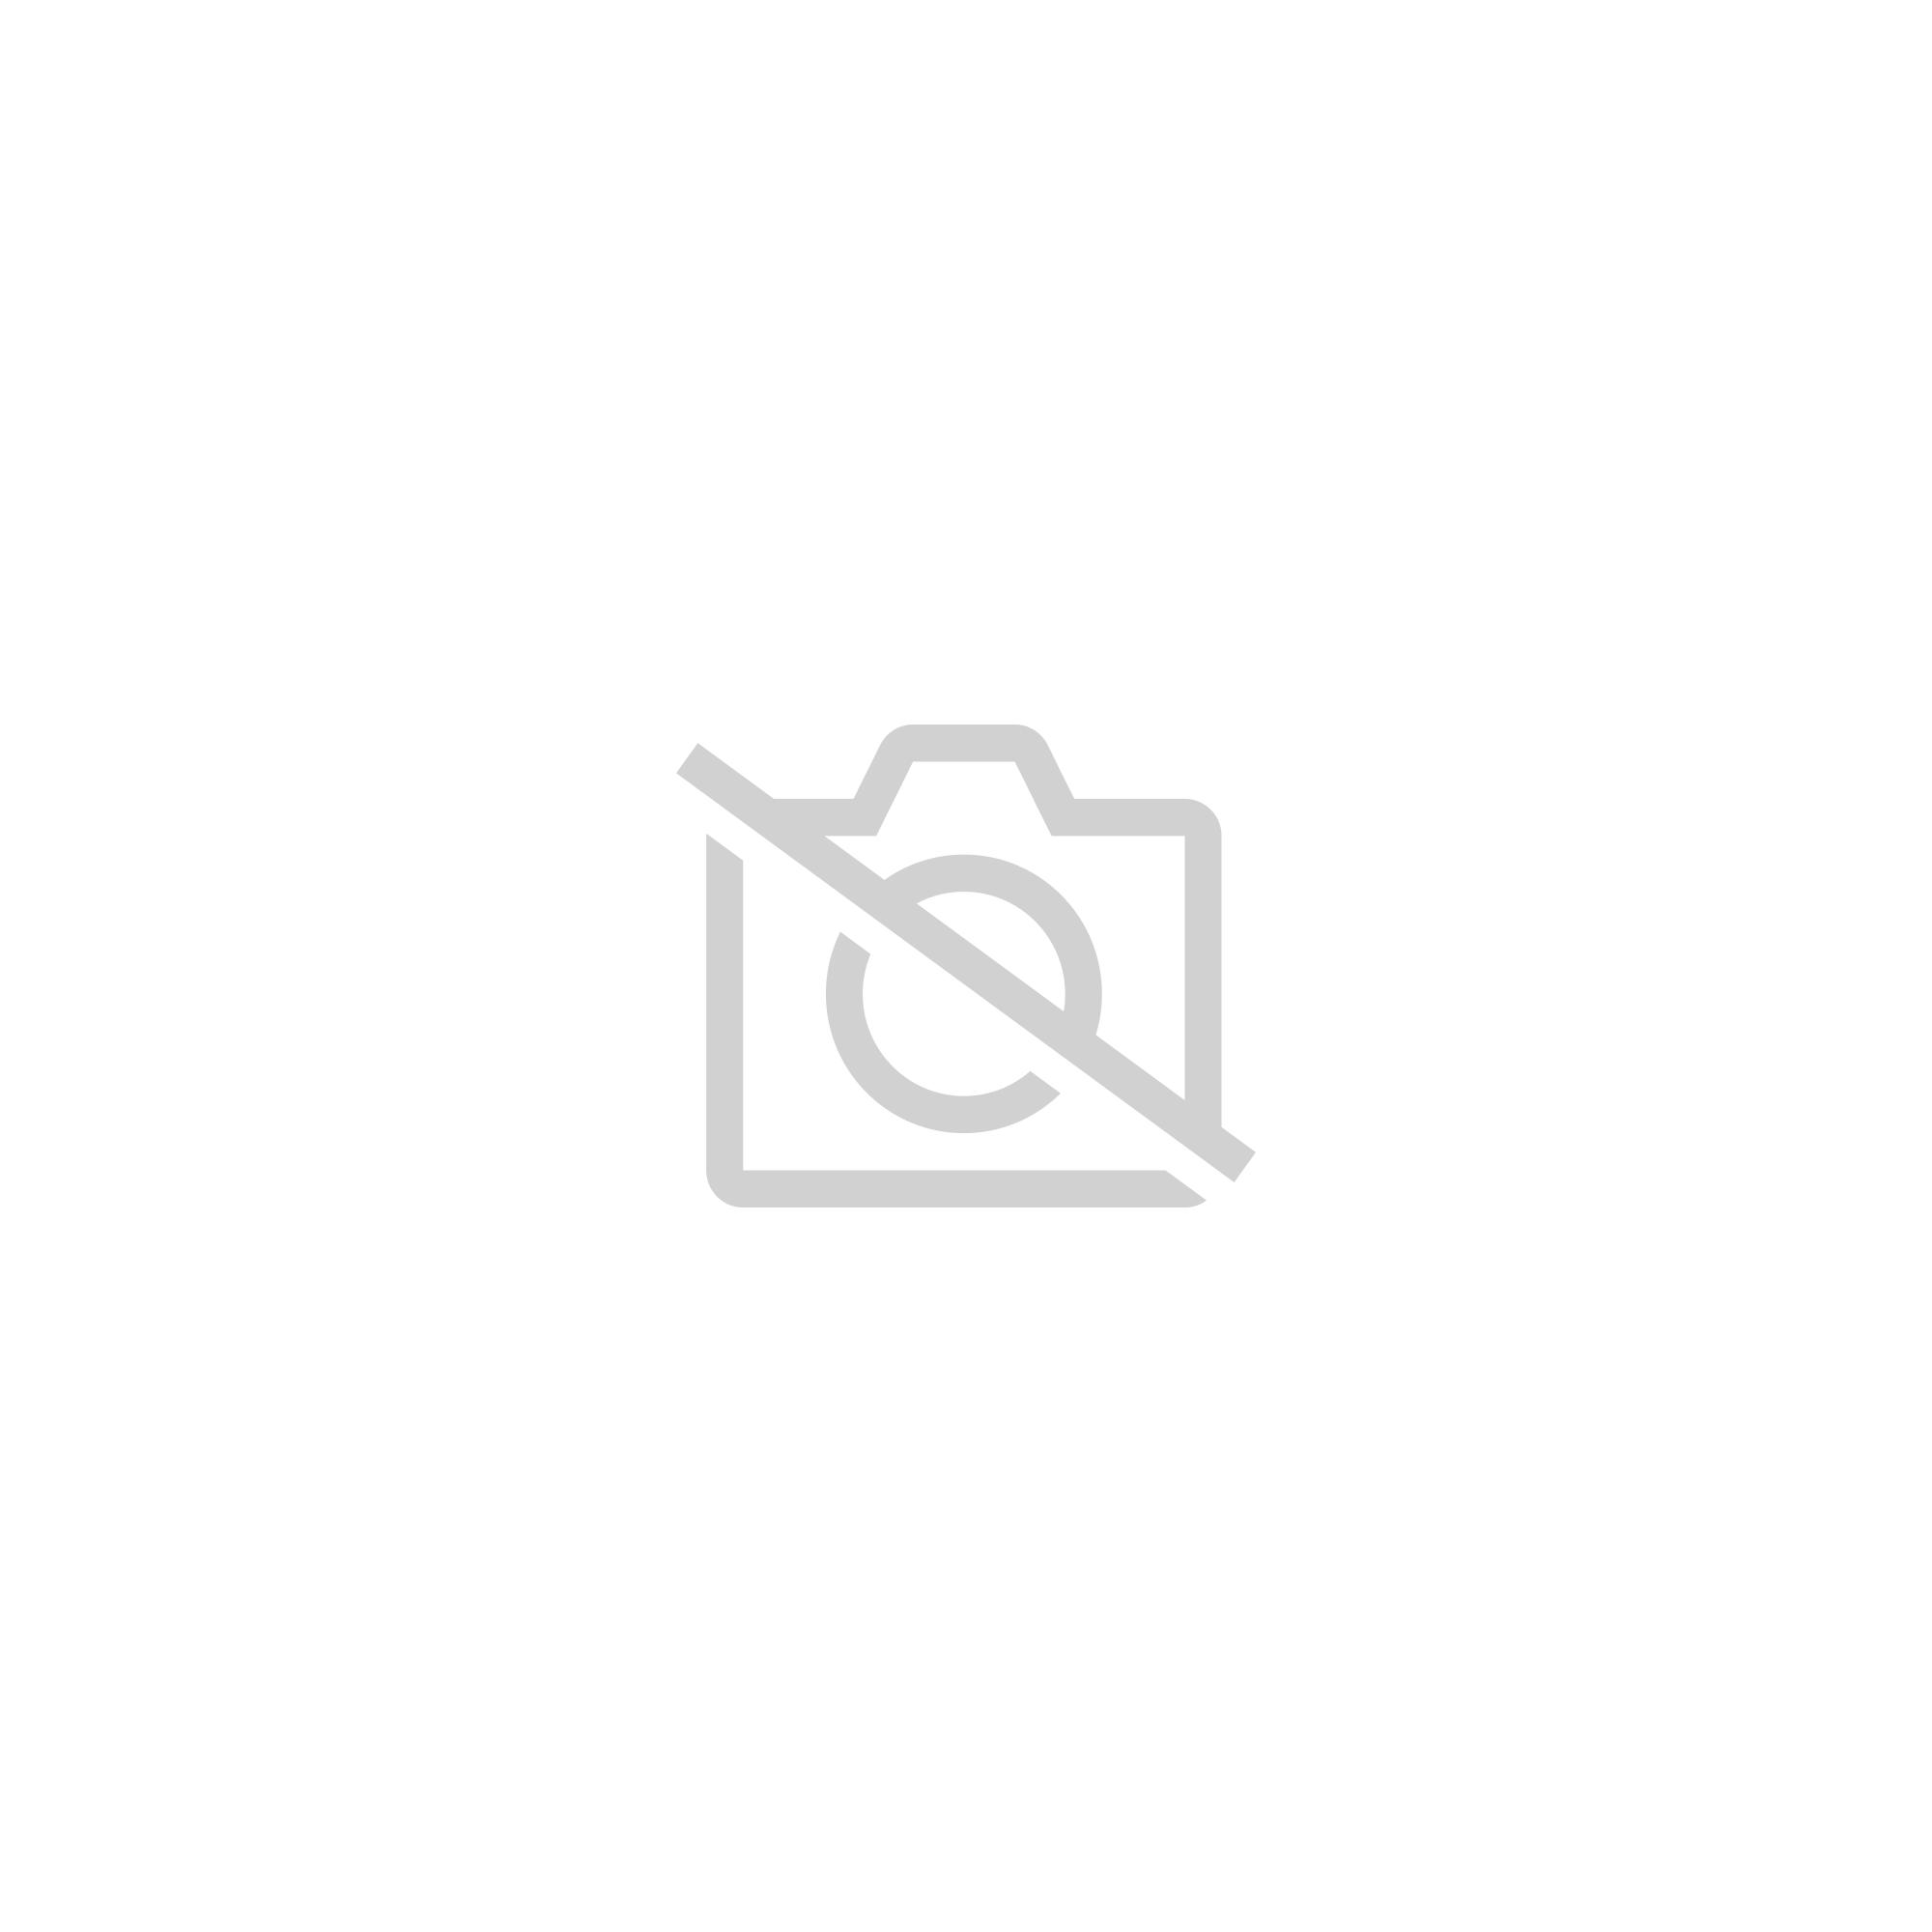 veste ralph lauren veste courte coton taille xl beige. Black Bedroom Furniture Sets. Home Design Ideas